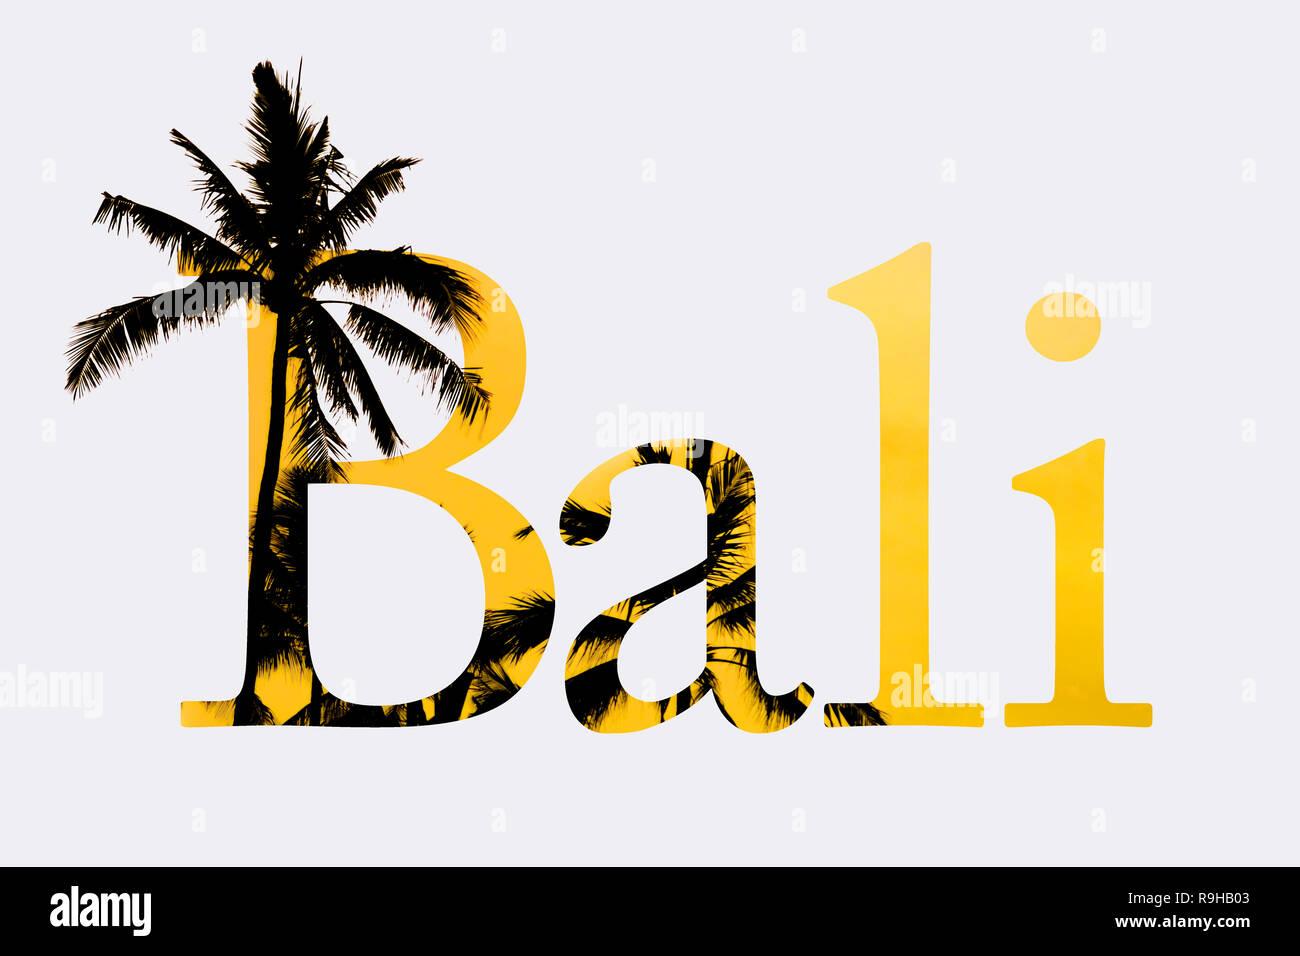 Erläuternde Text Design mit dem Wort Bali und Palmen, auf weißem Hintergrund. Nützliche vordefinierte Text Header Stockbild